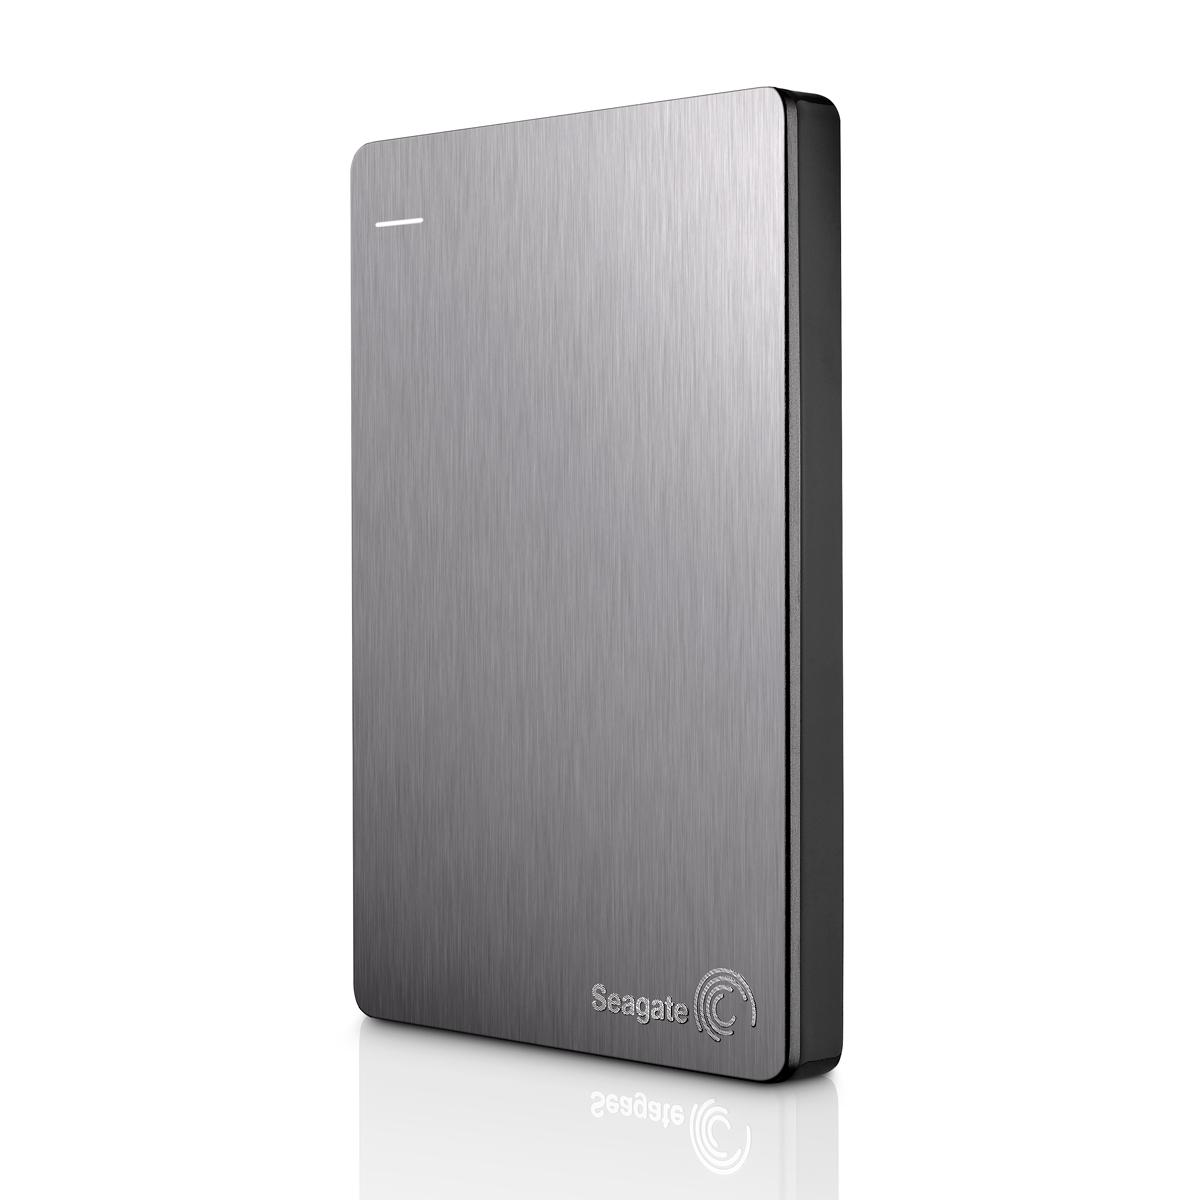 """Seagate Backup Plus, 1TB externí HDD, 2.5"""", USB 3.0, kovový stříbrný"""